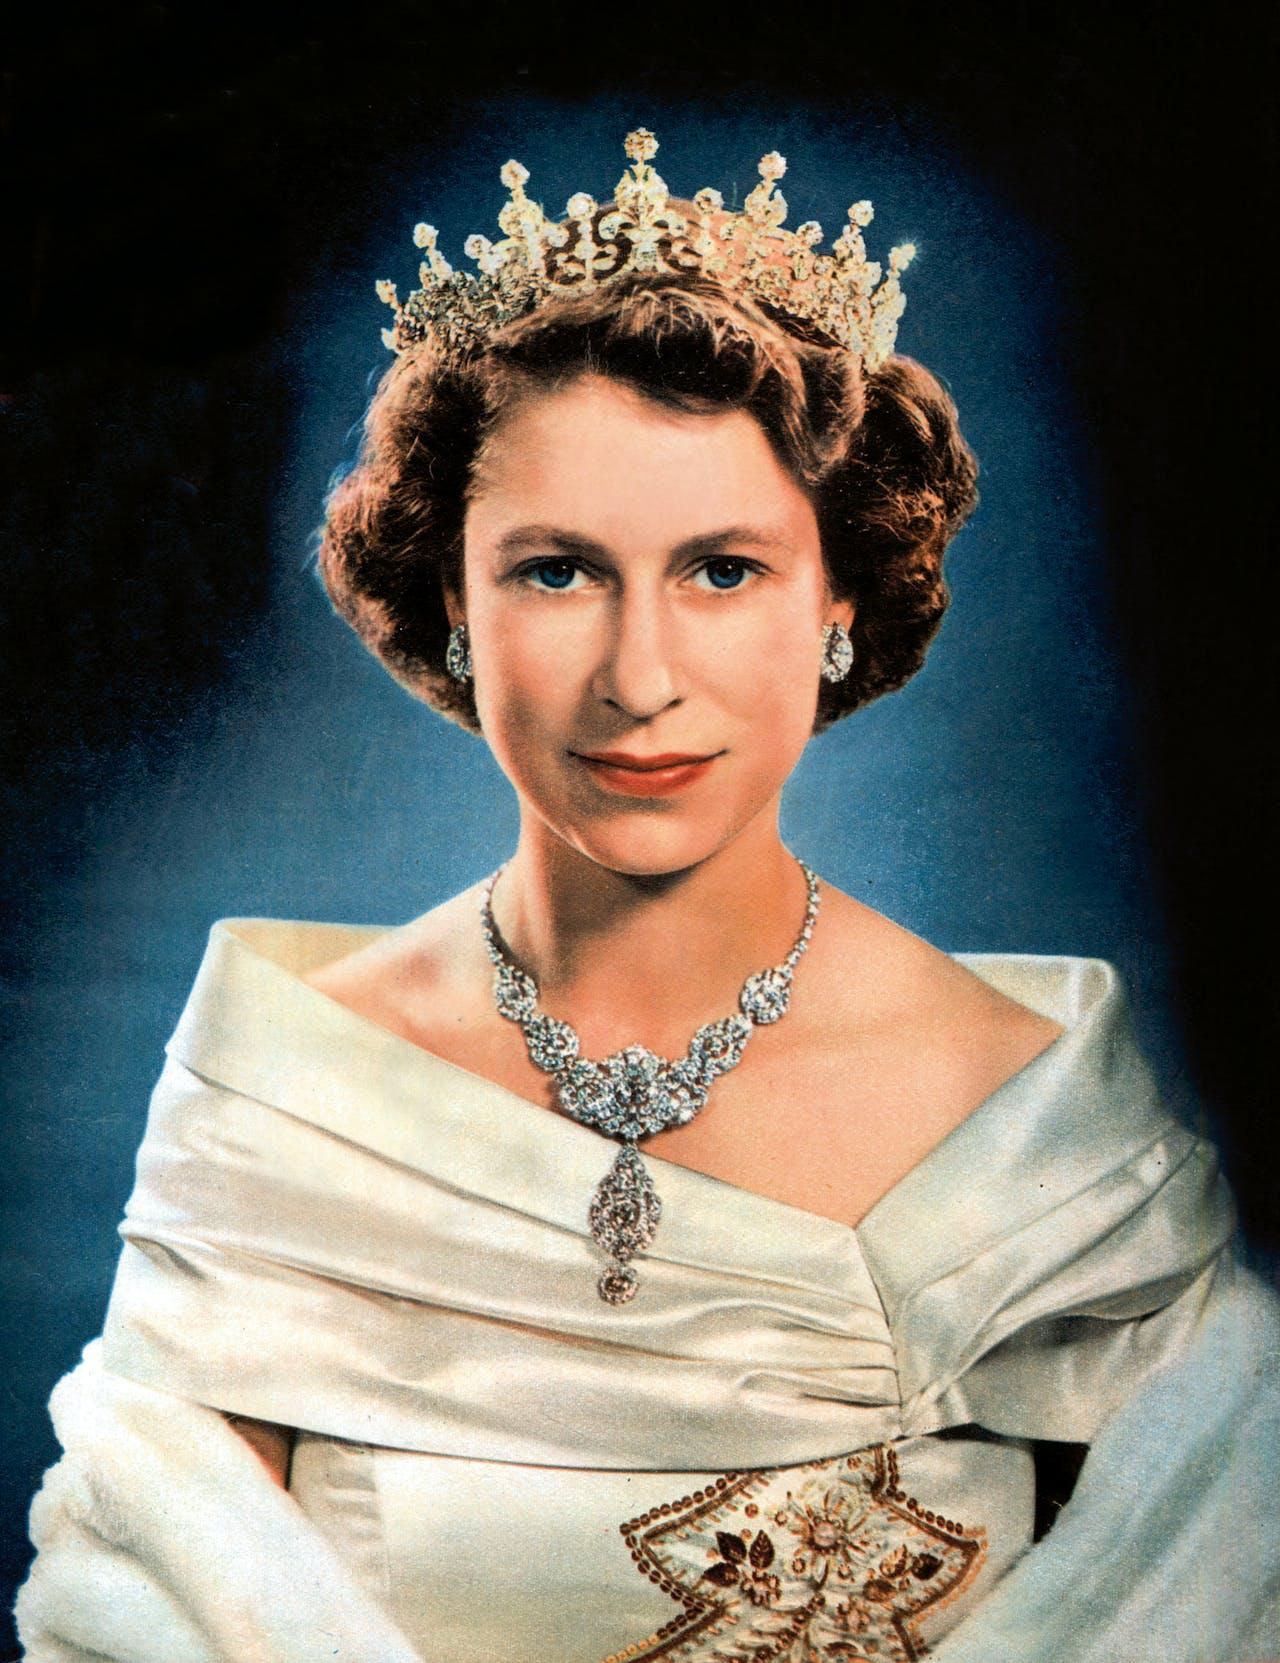 Het collier van de Nizam of Hyderabad Parure, die Elizabeth II kreeg bij haar huwelijk met Philip in 1947. De Girls of Great Britain and Ireland Tiara die Elizabeth hier draagt was een cadeau van Queen Mary.